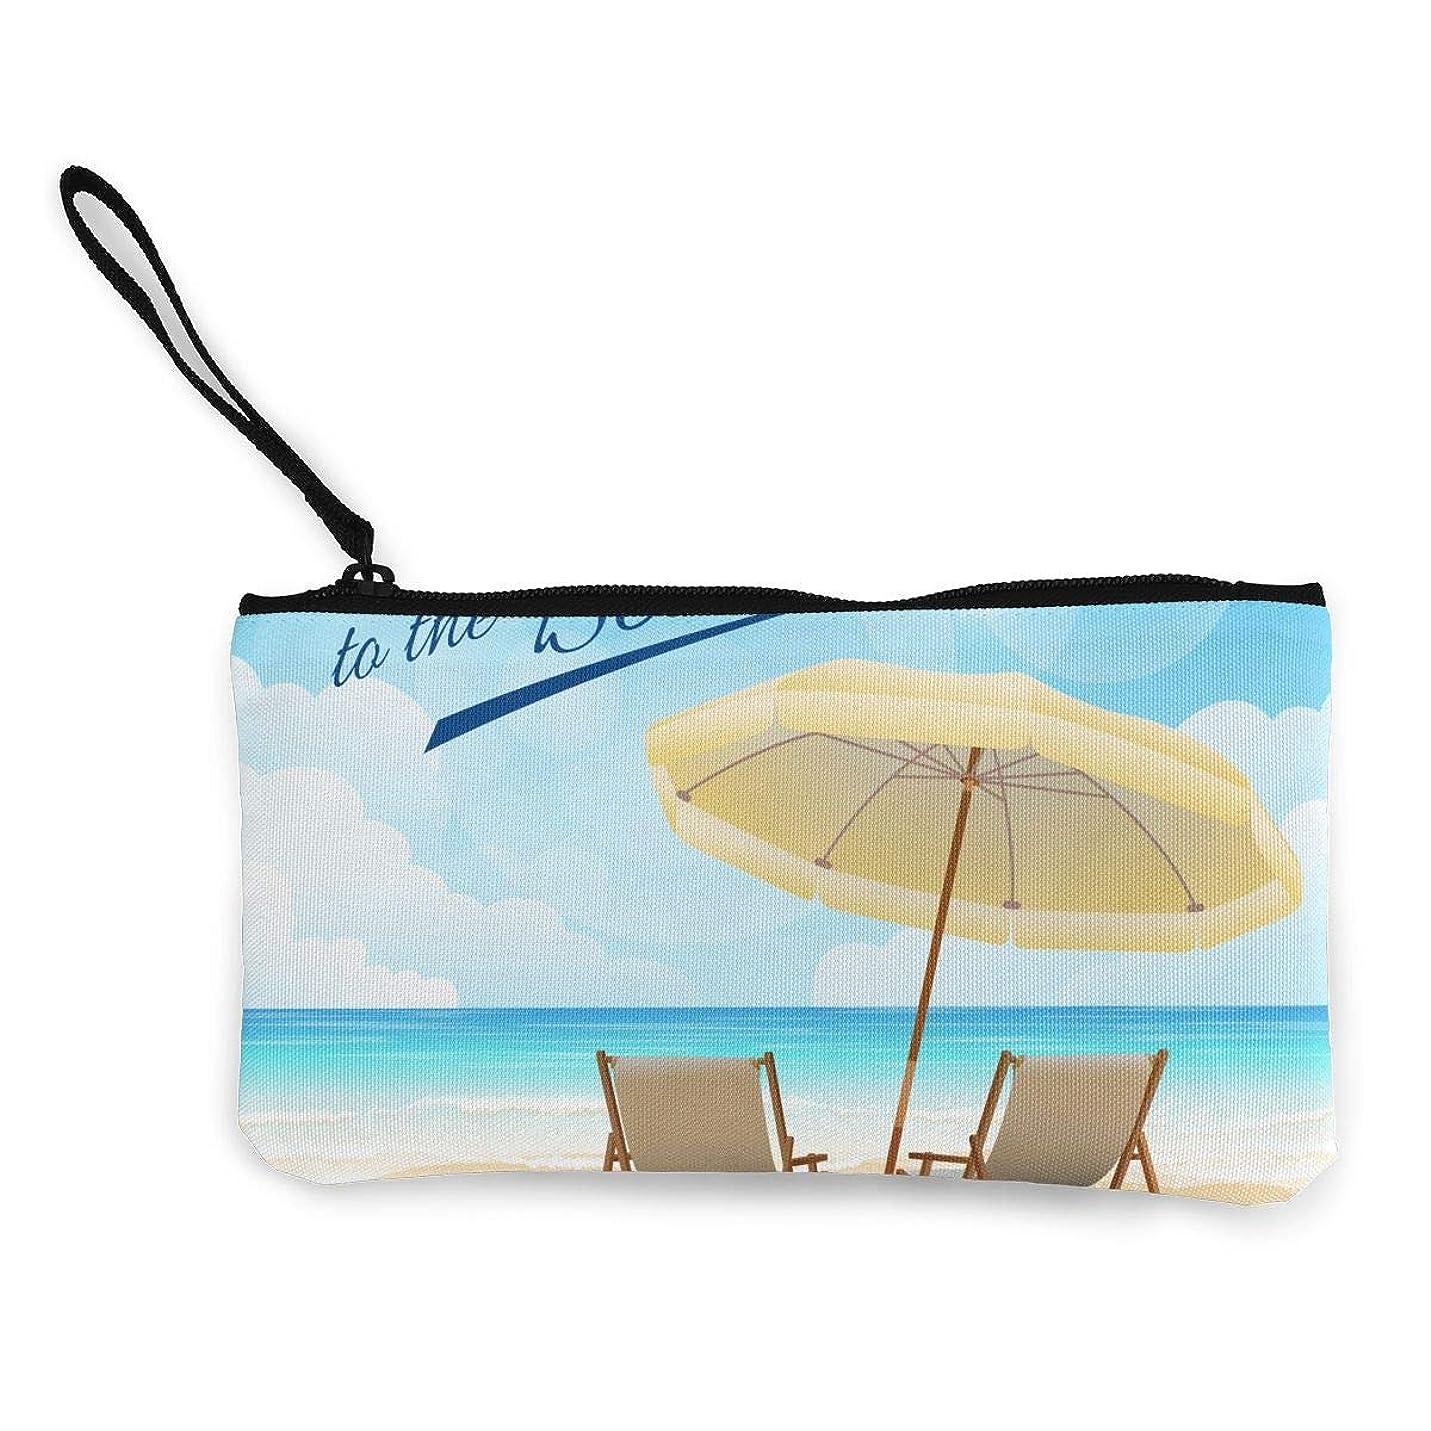 シャンプー後ろに製作ErmiCo レディース 小銭入れ キャンバス財布 ようこそビーチ チェア 小遣い財布 財布 鍵 小物 充電器 収納 長財布 ファスナー付き 22×12cm